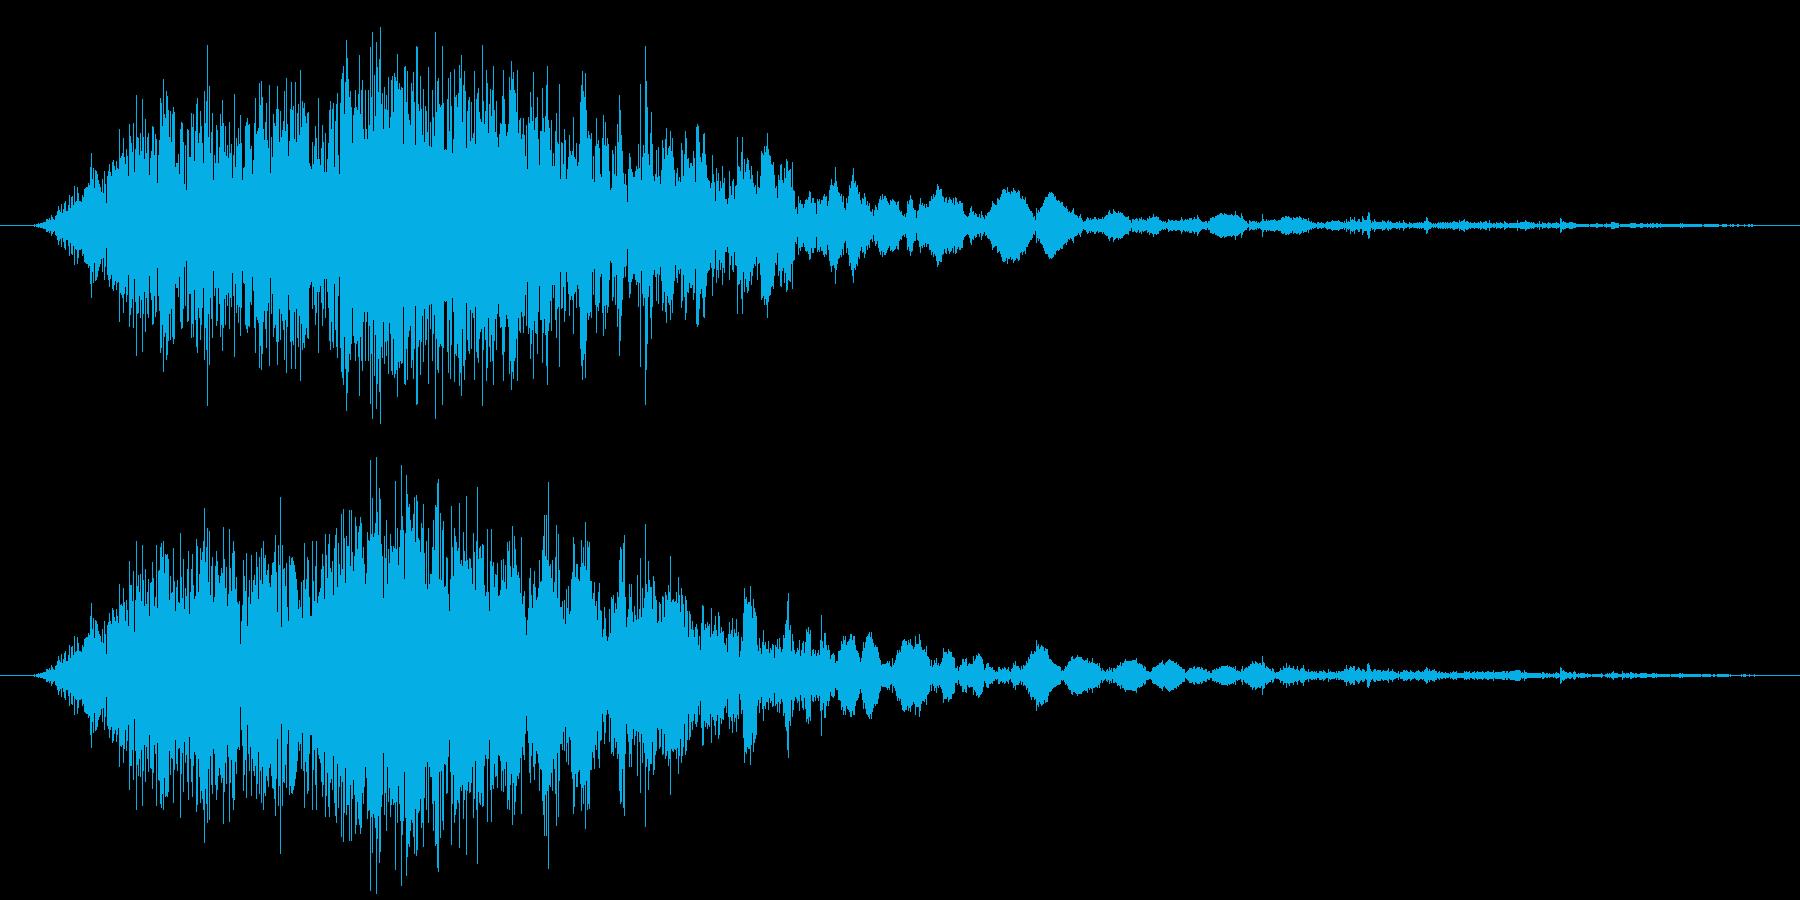 斬撃音(刀や剣で斬る/刺す効果音)07bの再生済みの波形